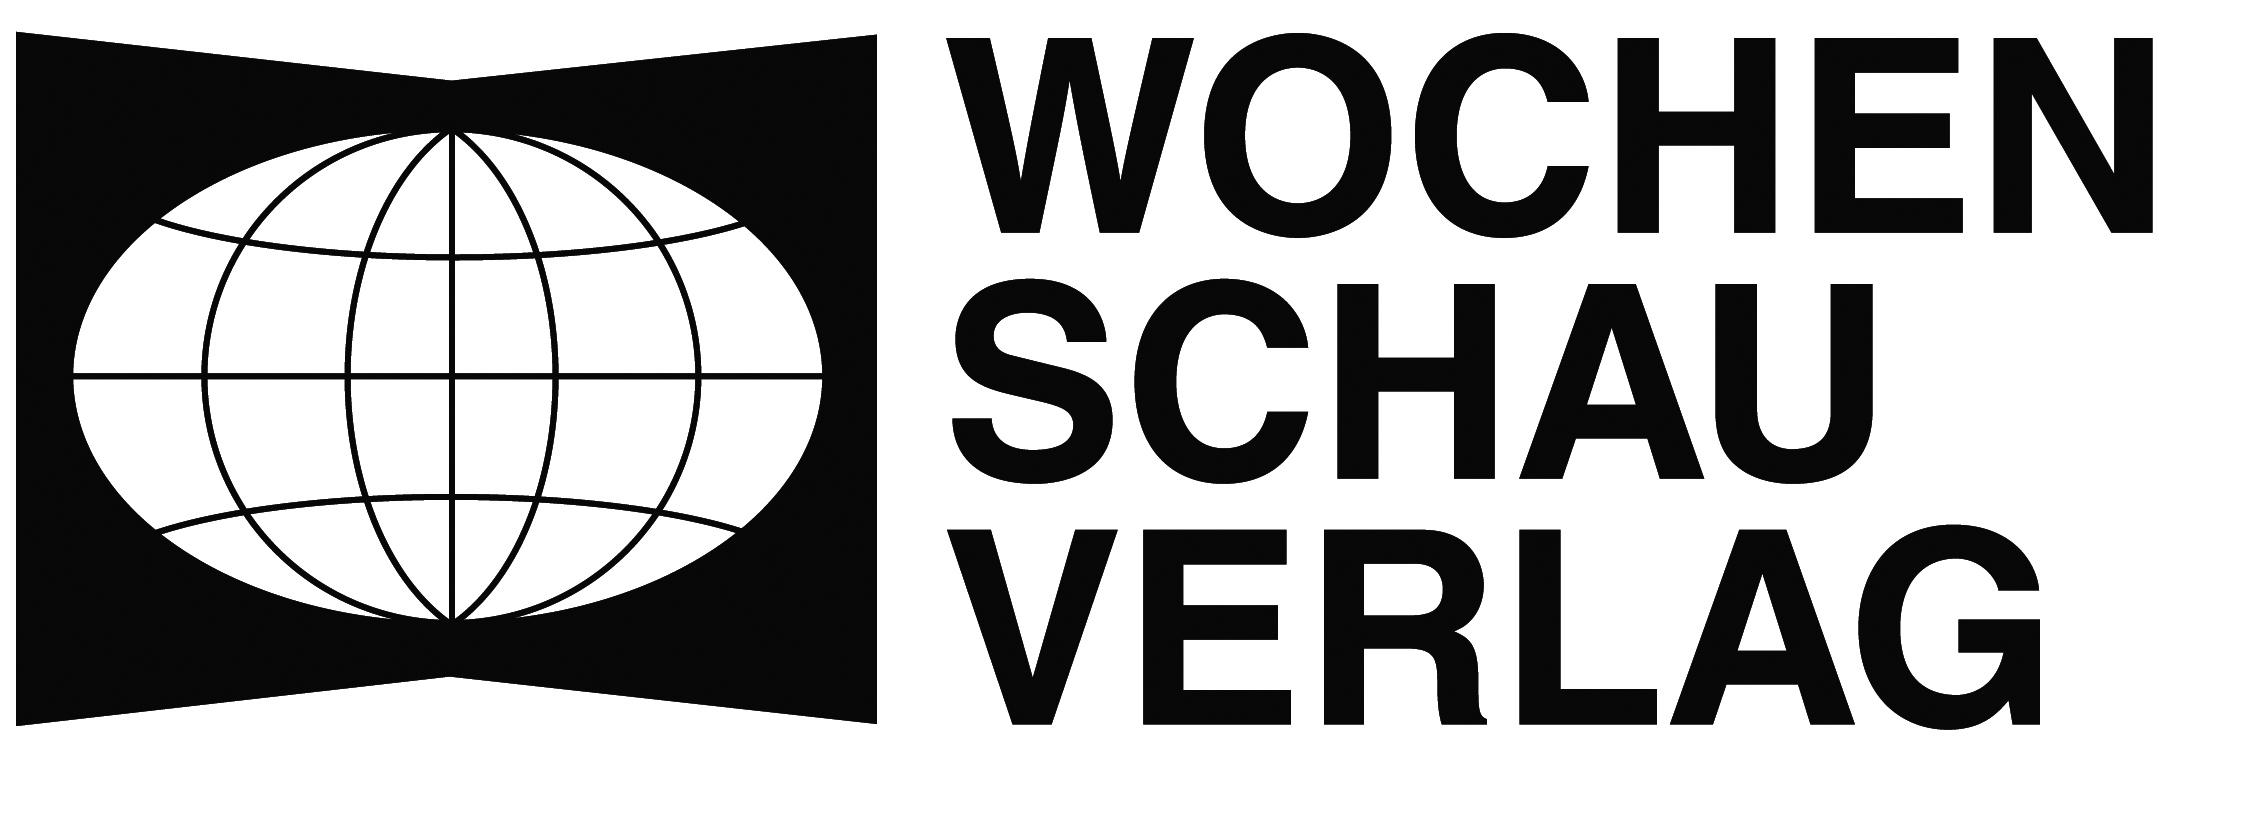 Wochenschau Verlag